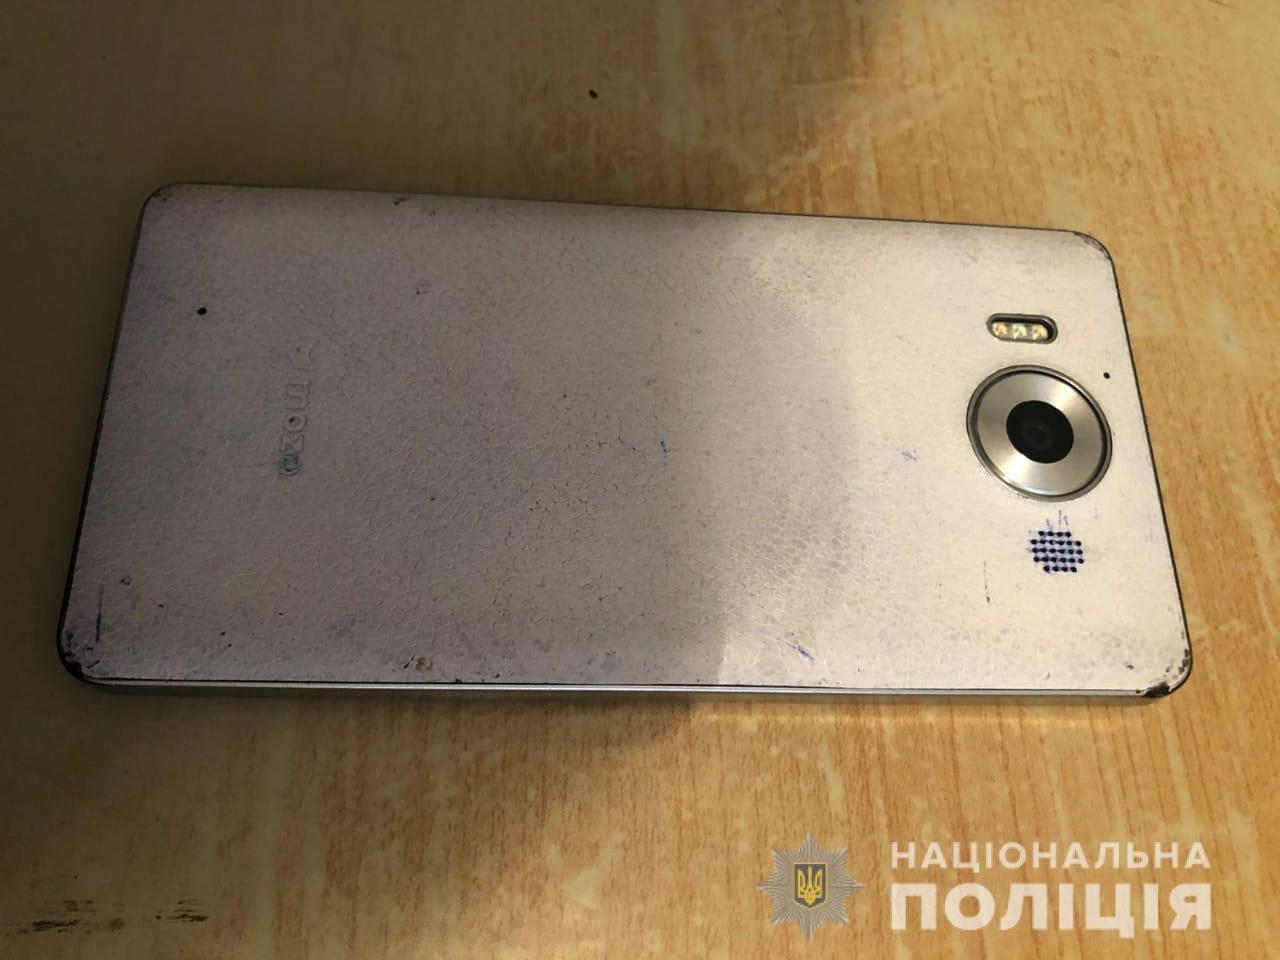 На Днепропетровщине 18-летний парень напал на школьника, - ФОТО, фото-2